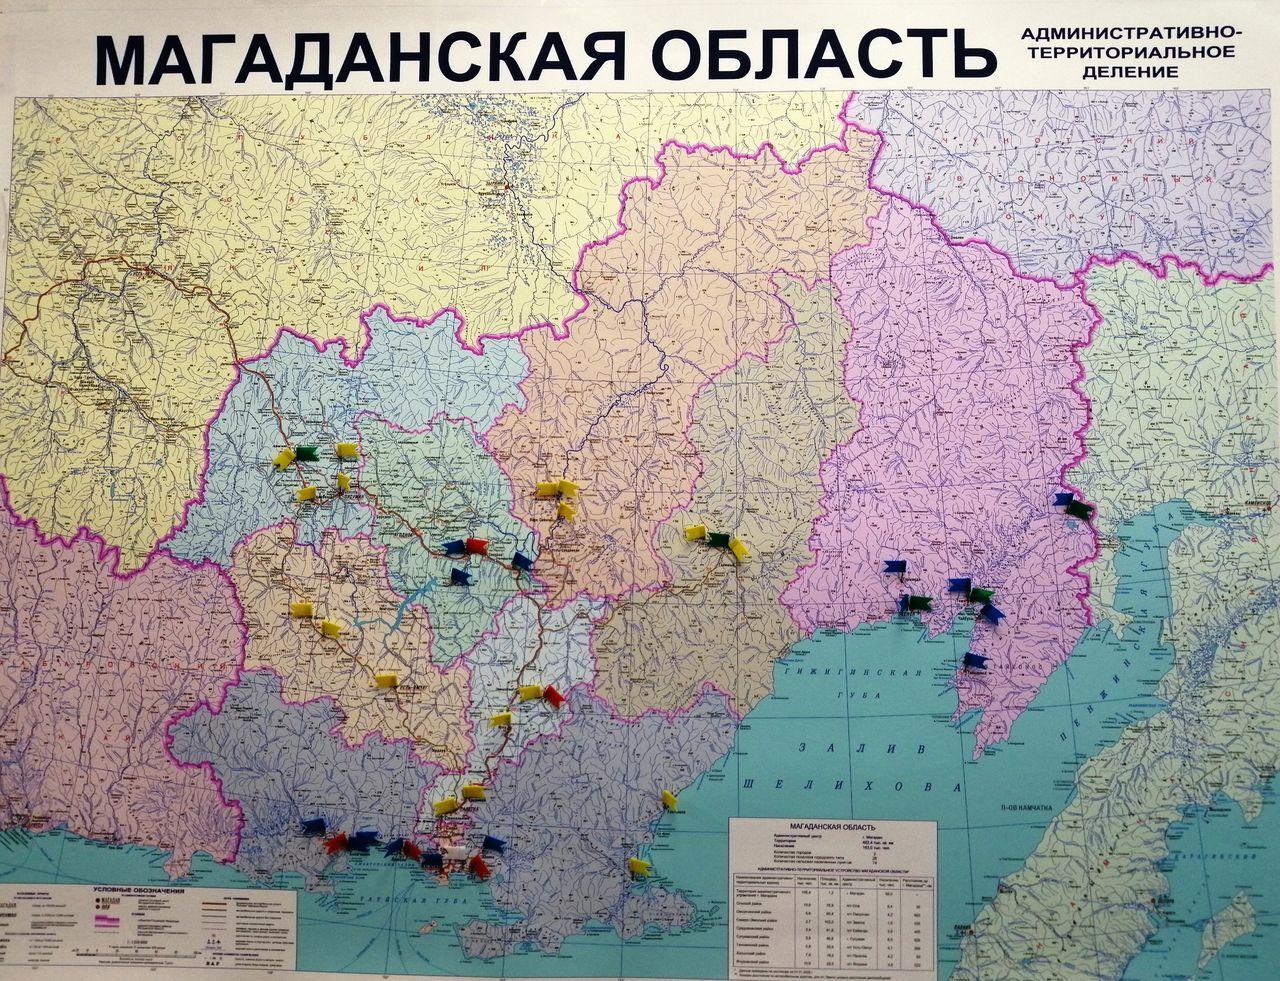 Карта Магаданской области. Флажками помечены участки размещения новых объектов по обращению с ТКО и объекты рекультивации.